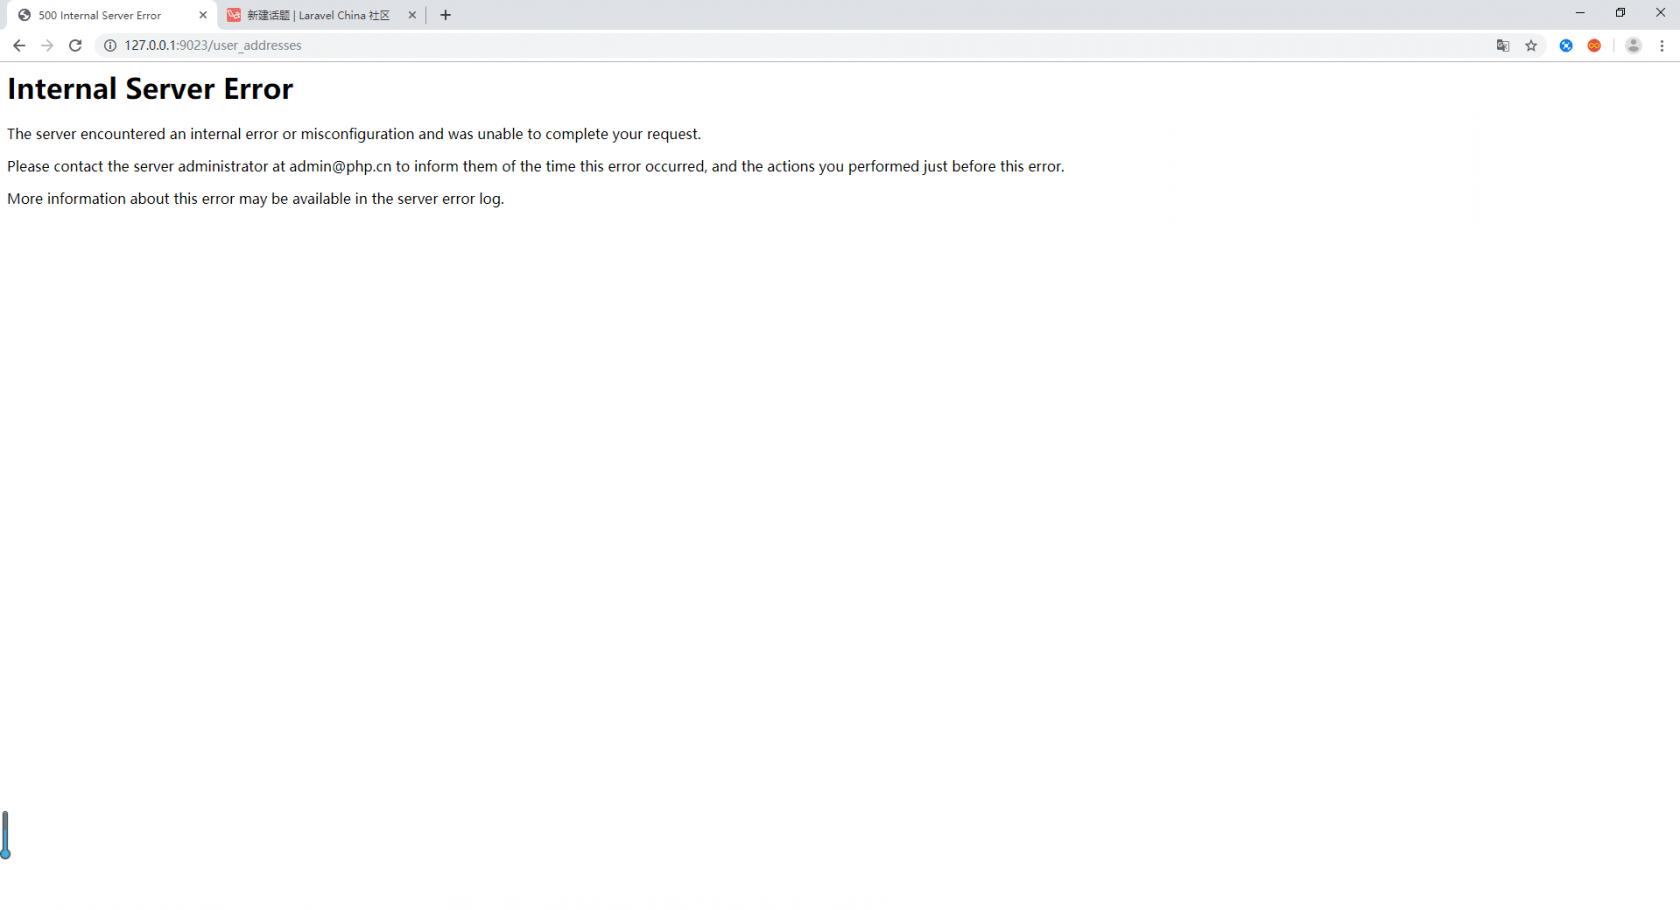 关于laravel6.0的错误提示信息页面